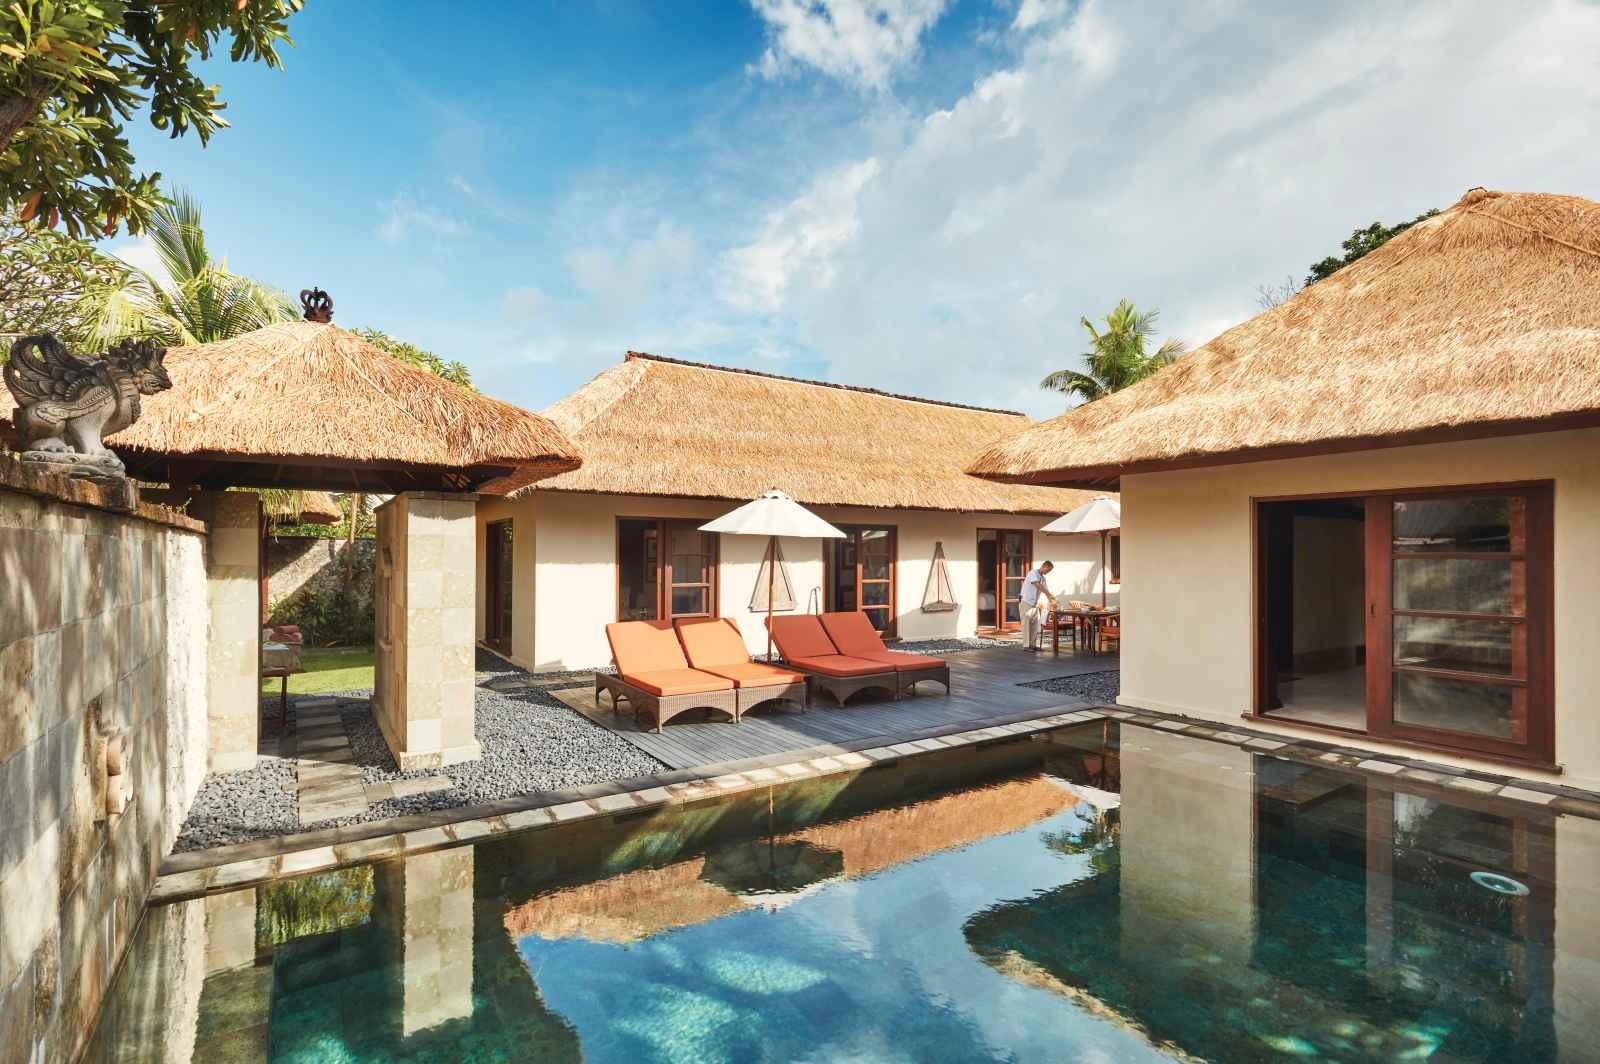 Bali : Jimbaran Puri Bali